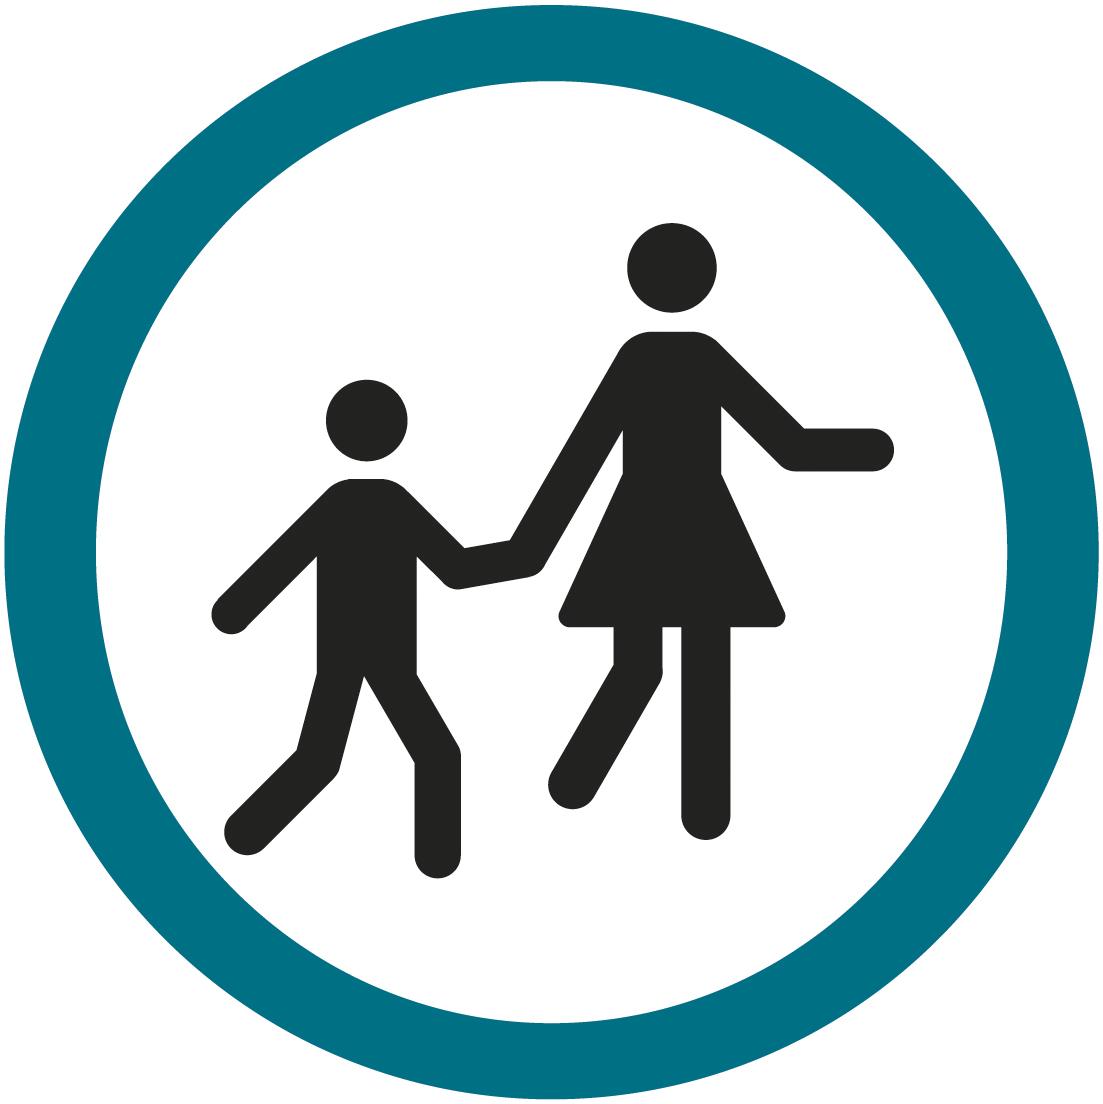 logo piéton transport scolaire Optymo territoire de Belfort